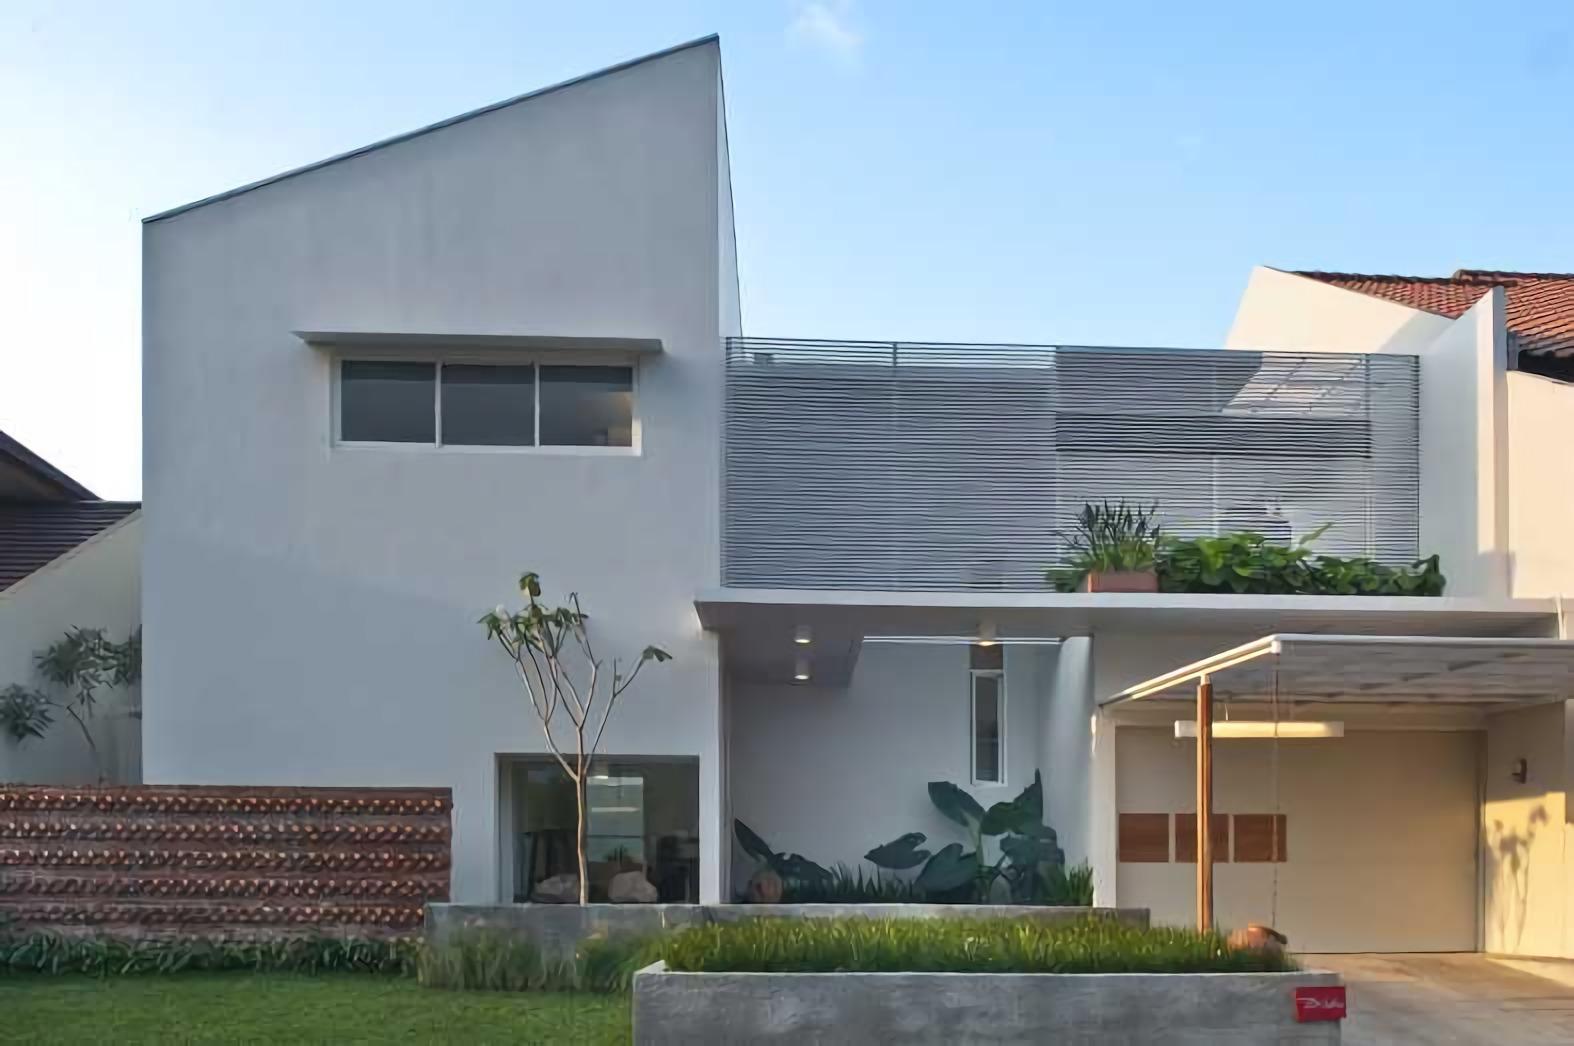 1030+ Gambar Rumah Tampak Depan Tanpa Atap Terbaik